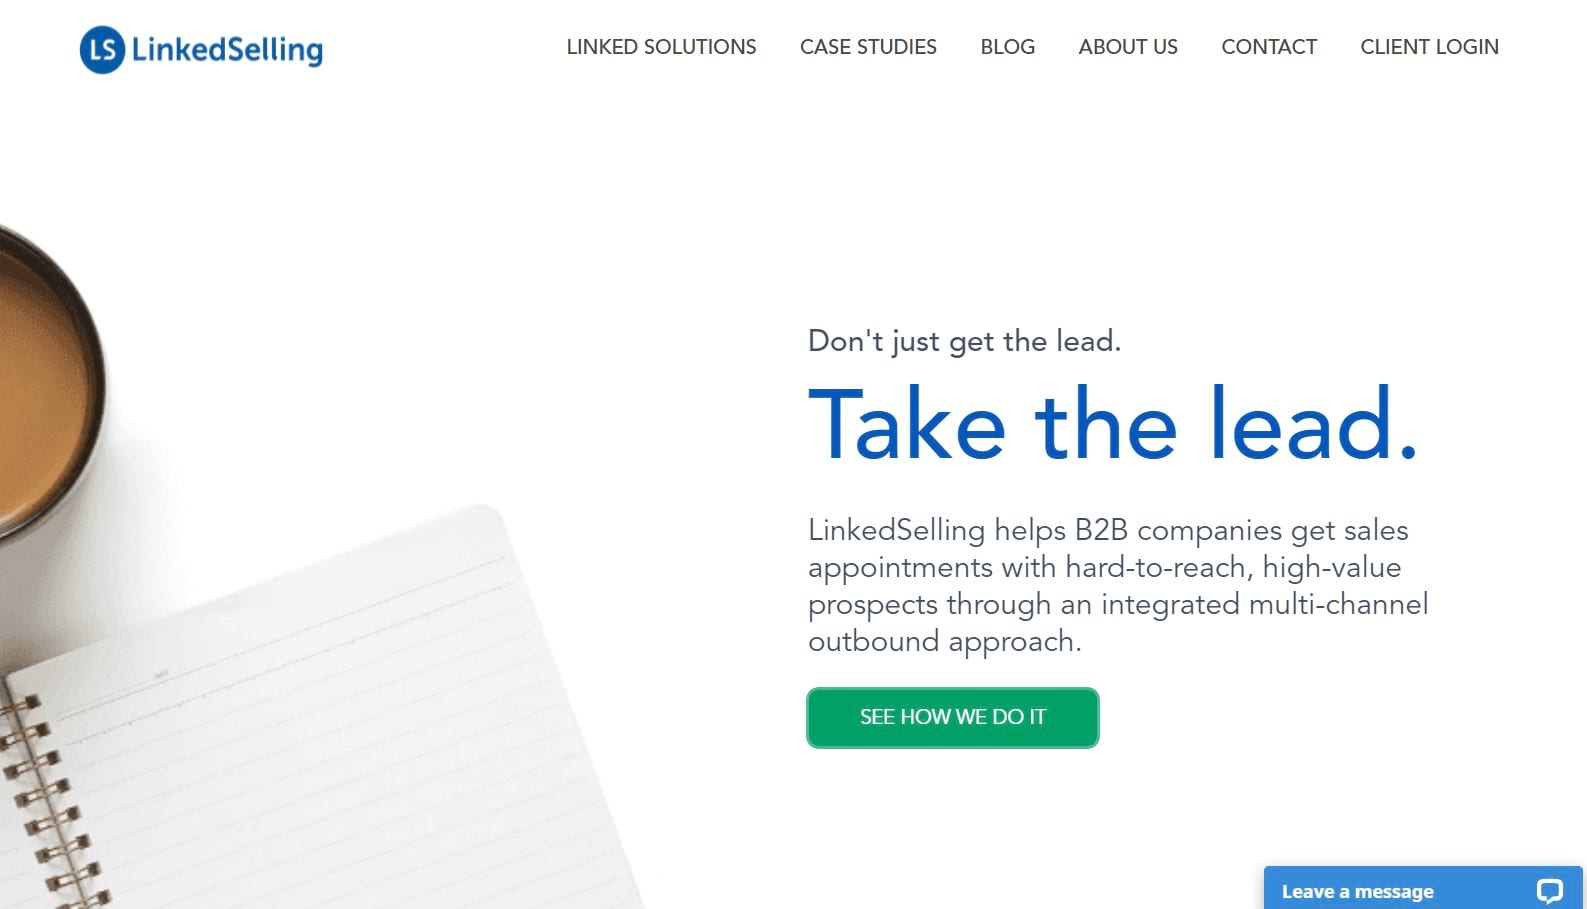 LinkedSelling Lead Gen